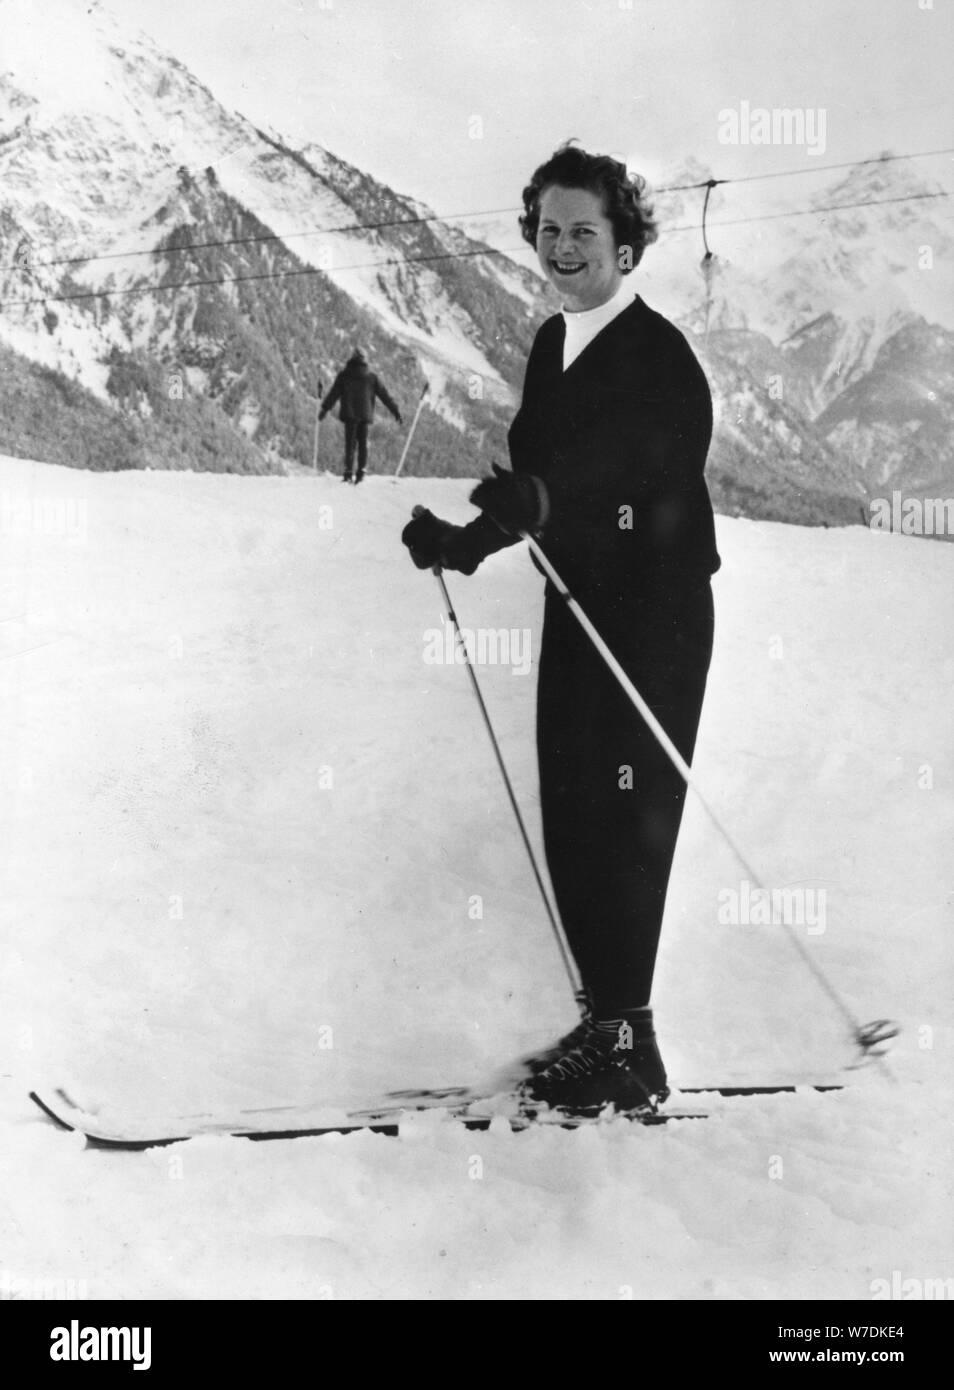 Margaret Thatcher skiing in 1962. Artist: Unknown Stock Photo